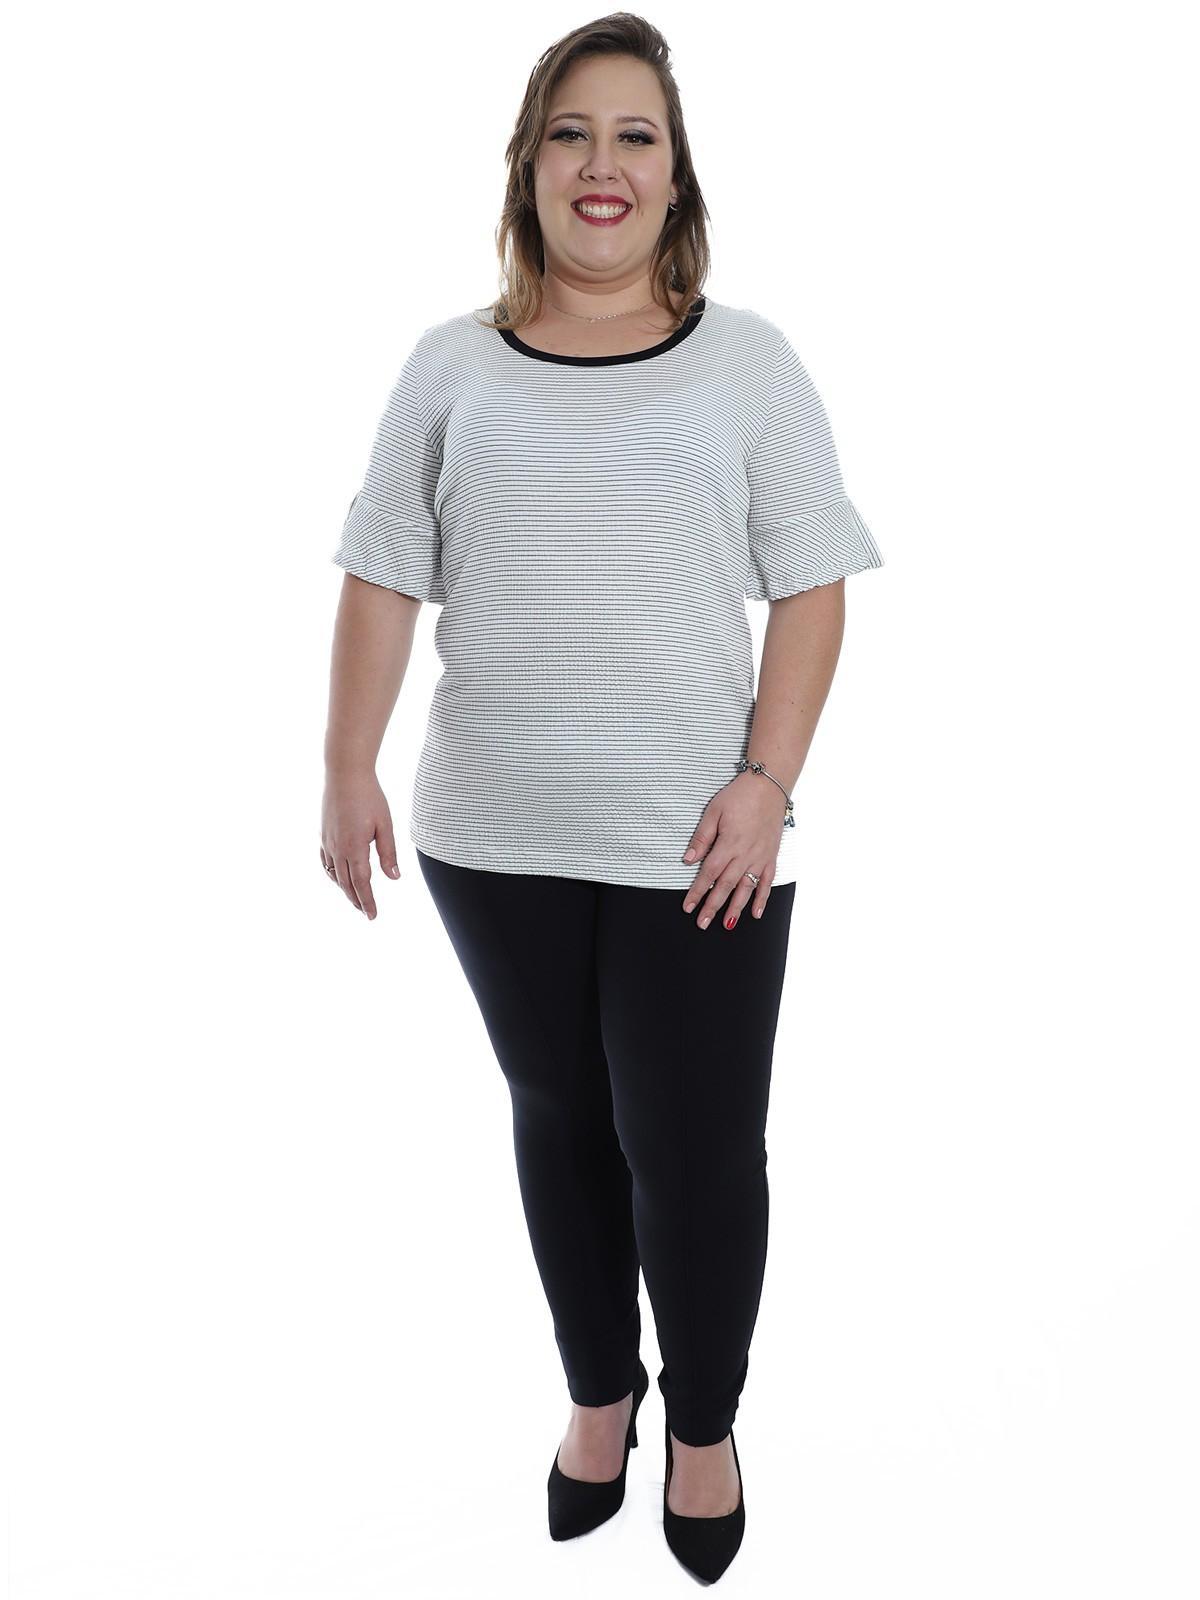 Blusa Plus Size KTS Decote U Fio Tinto Branco